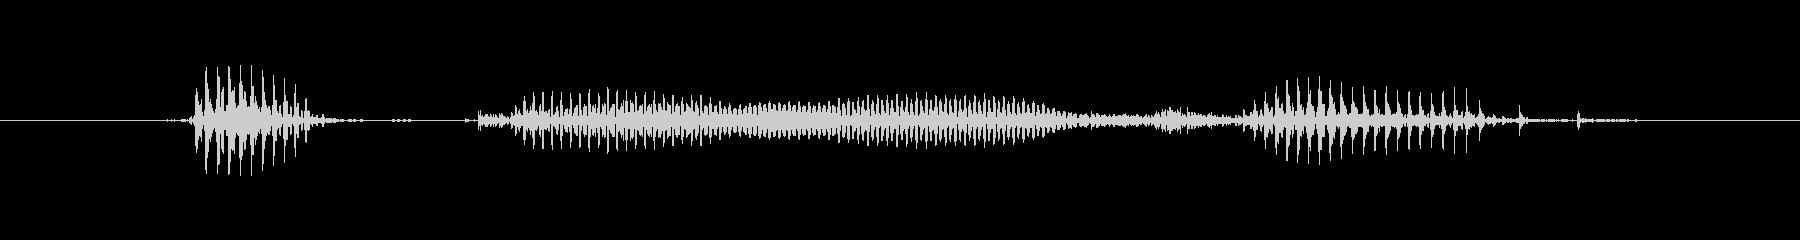 【星座】乙女座の未再生の波形